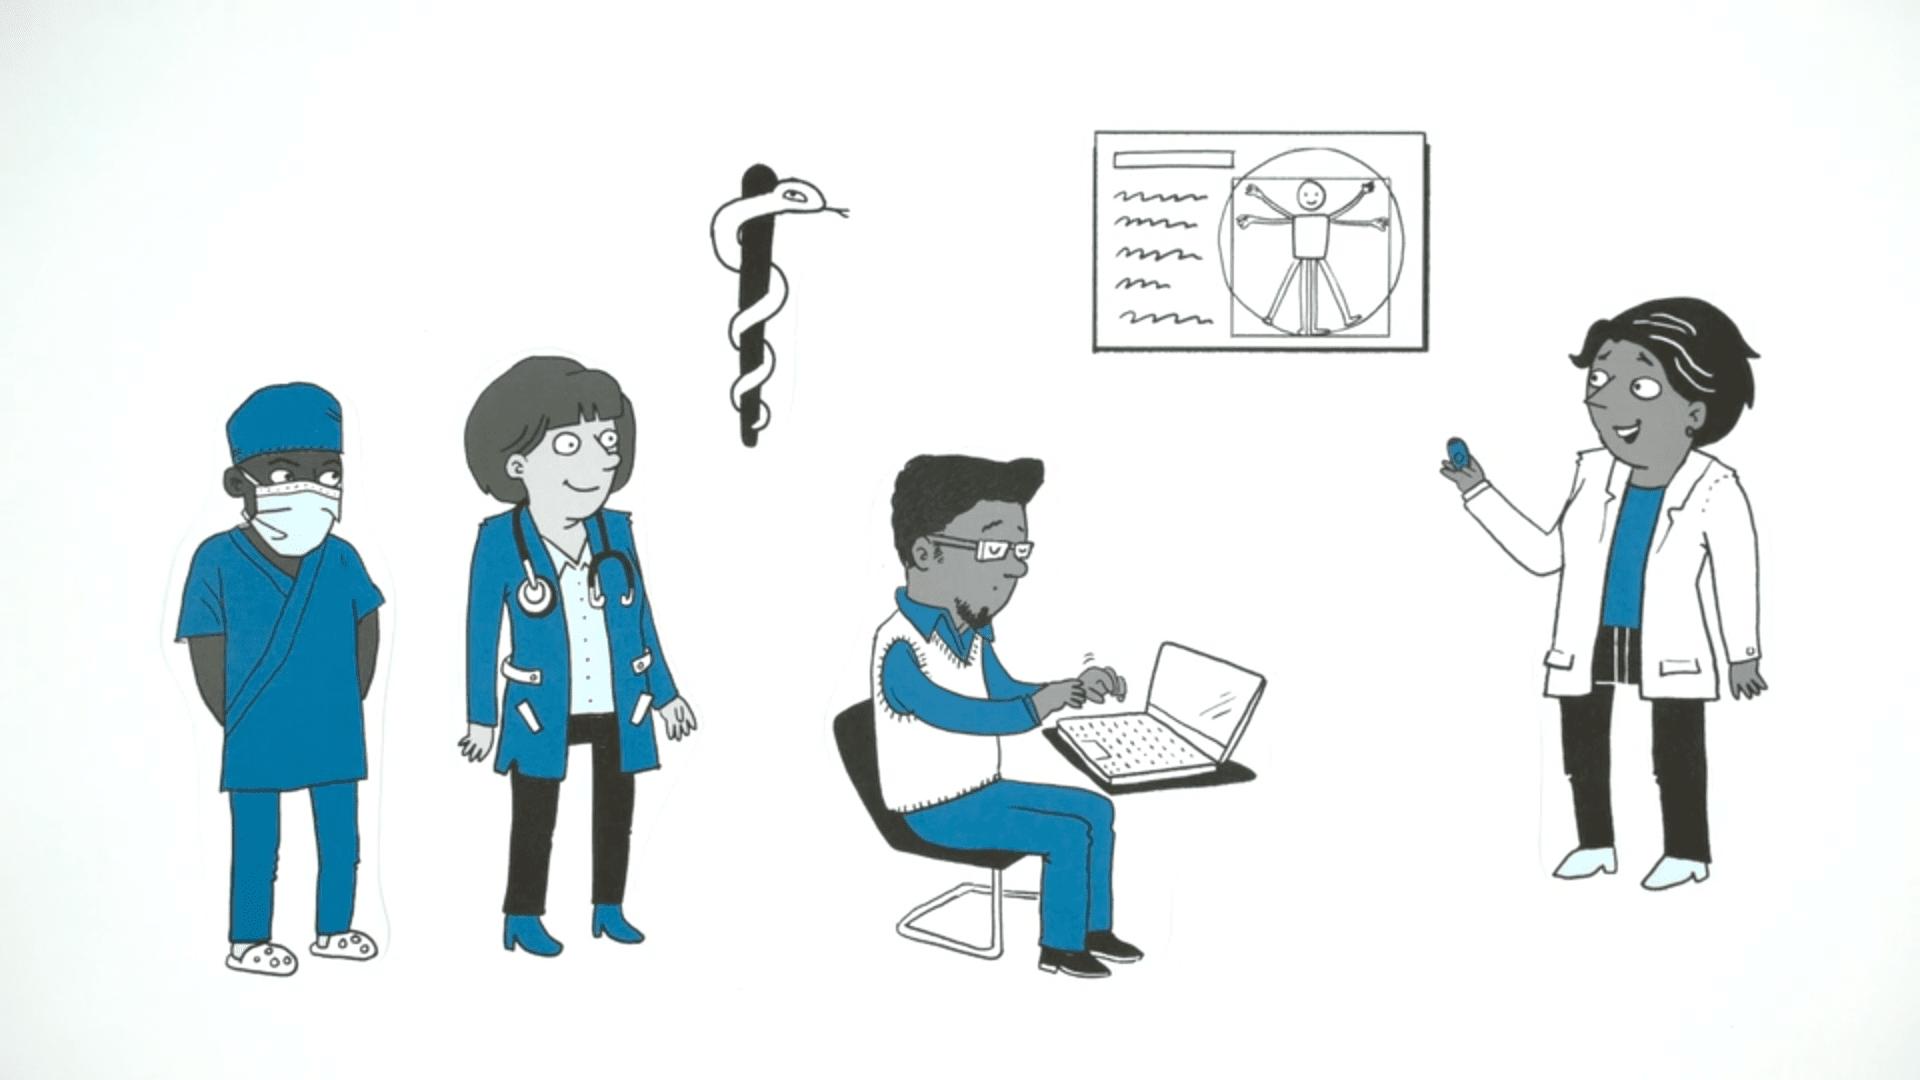 Info-Video Zum IDAHOBIT 2020: Diskriminierung Im Gesundheitswesen Muss Aufhören!